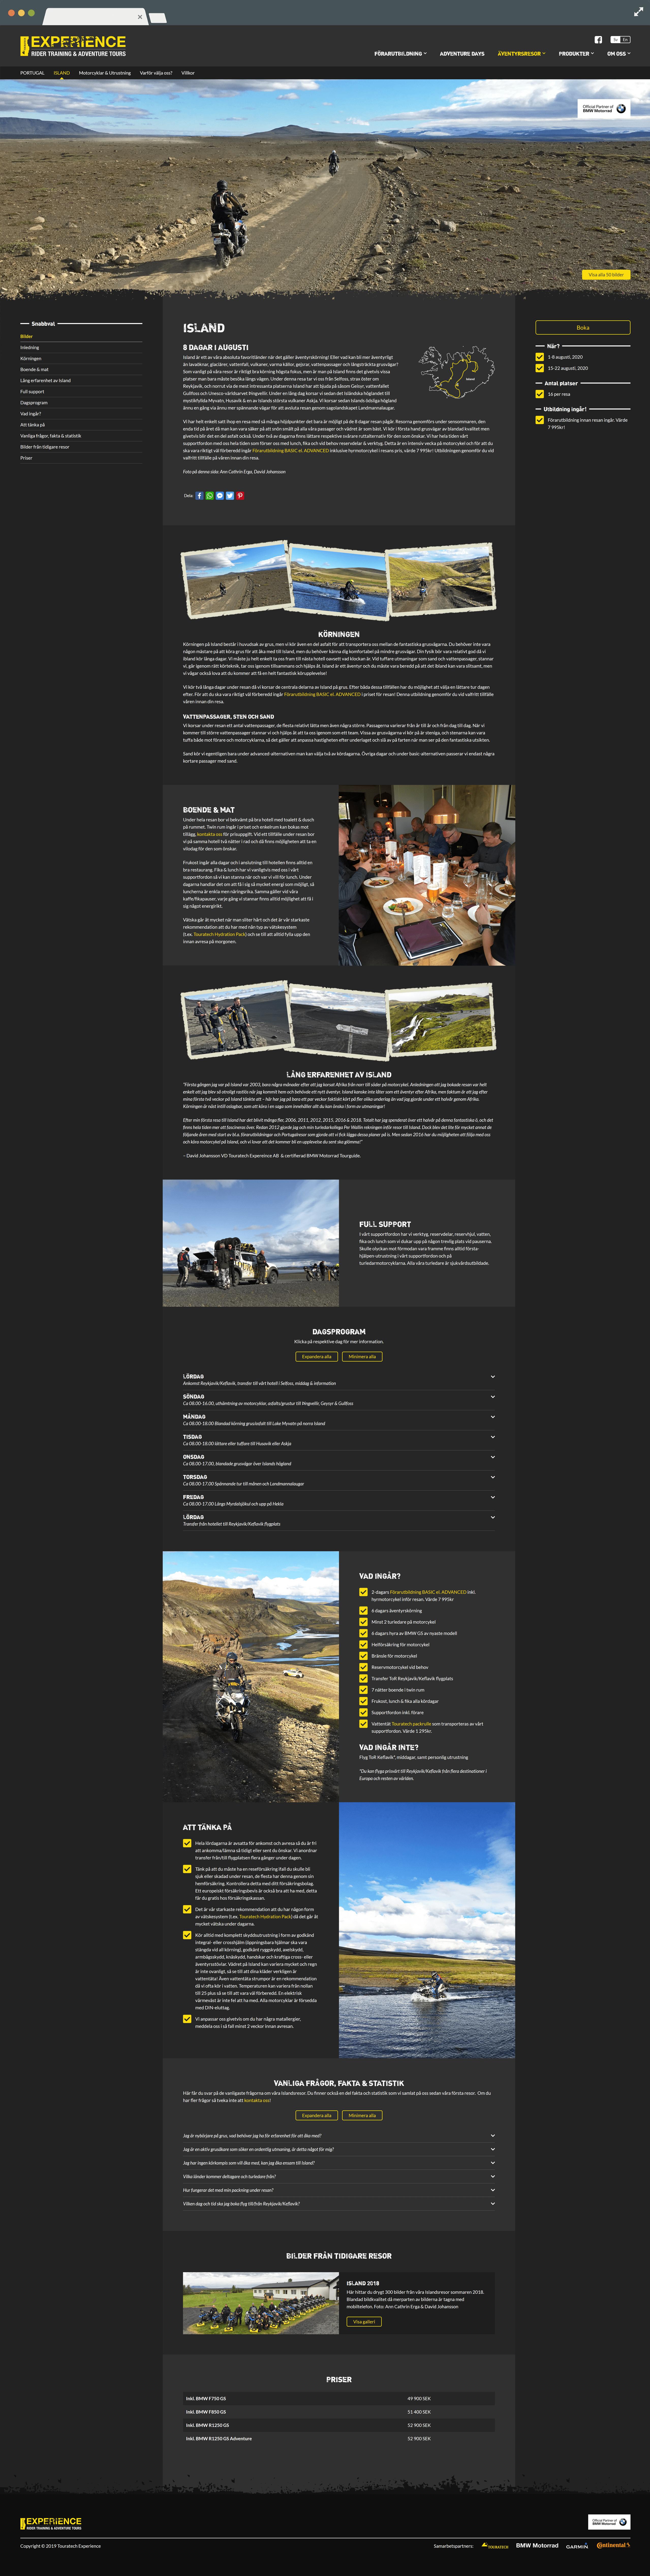 Touratech Experience undersida för mc-resa med bokning